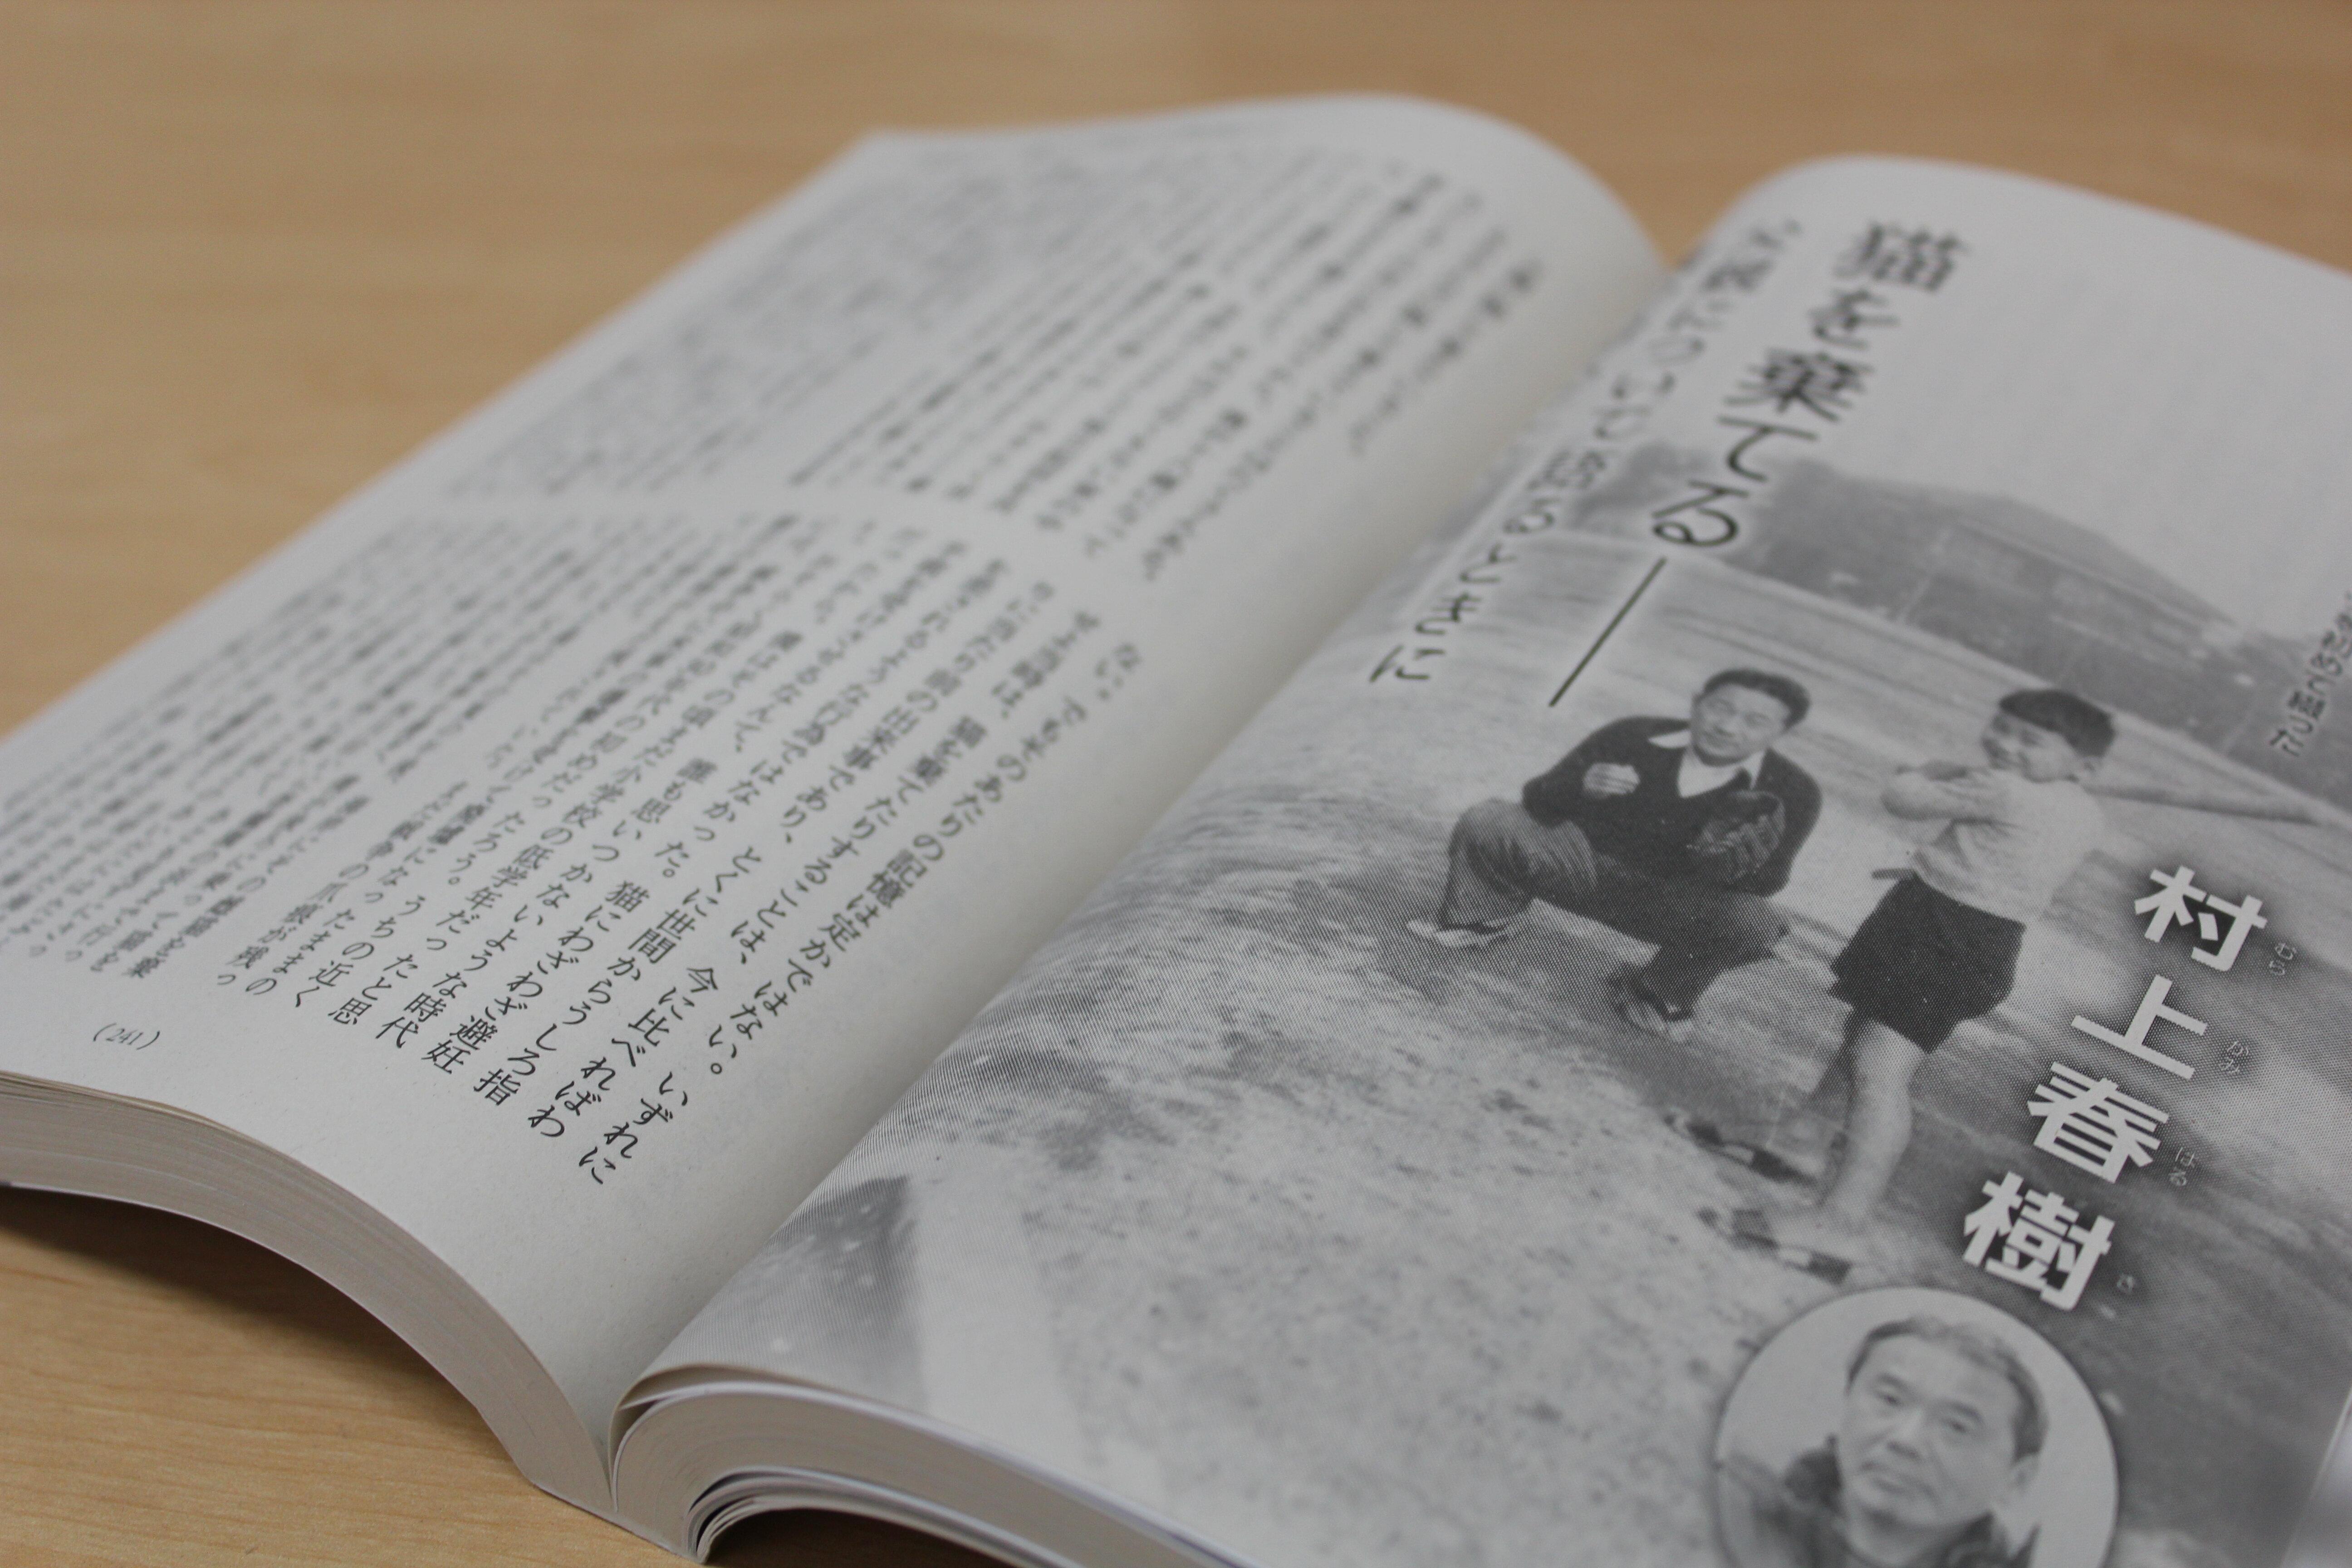 """村上春樹さんが、亡き父の従軍体験を綴った「猫を棄てる」。中国兵""""処刑""""の描写に中国での反応は?"""